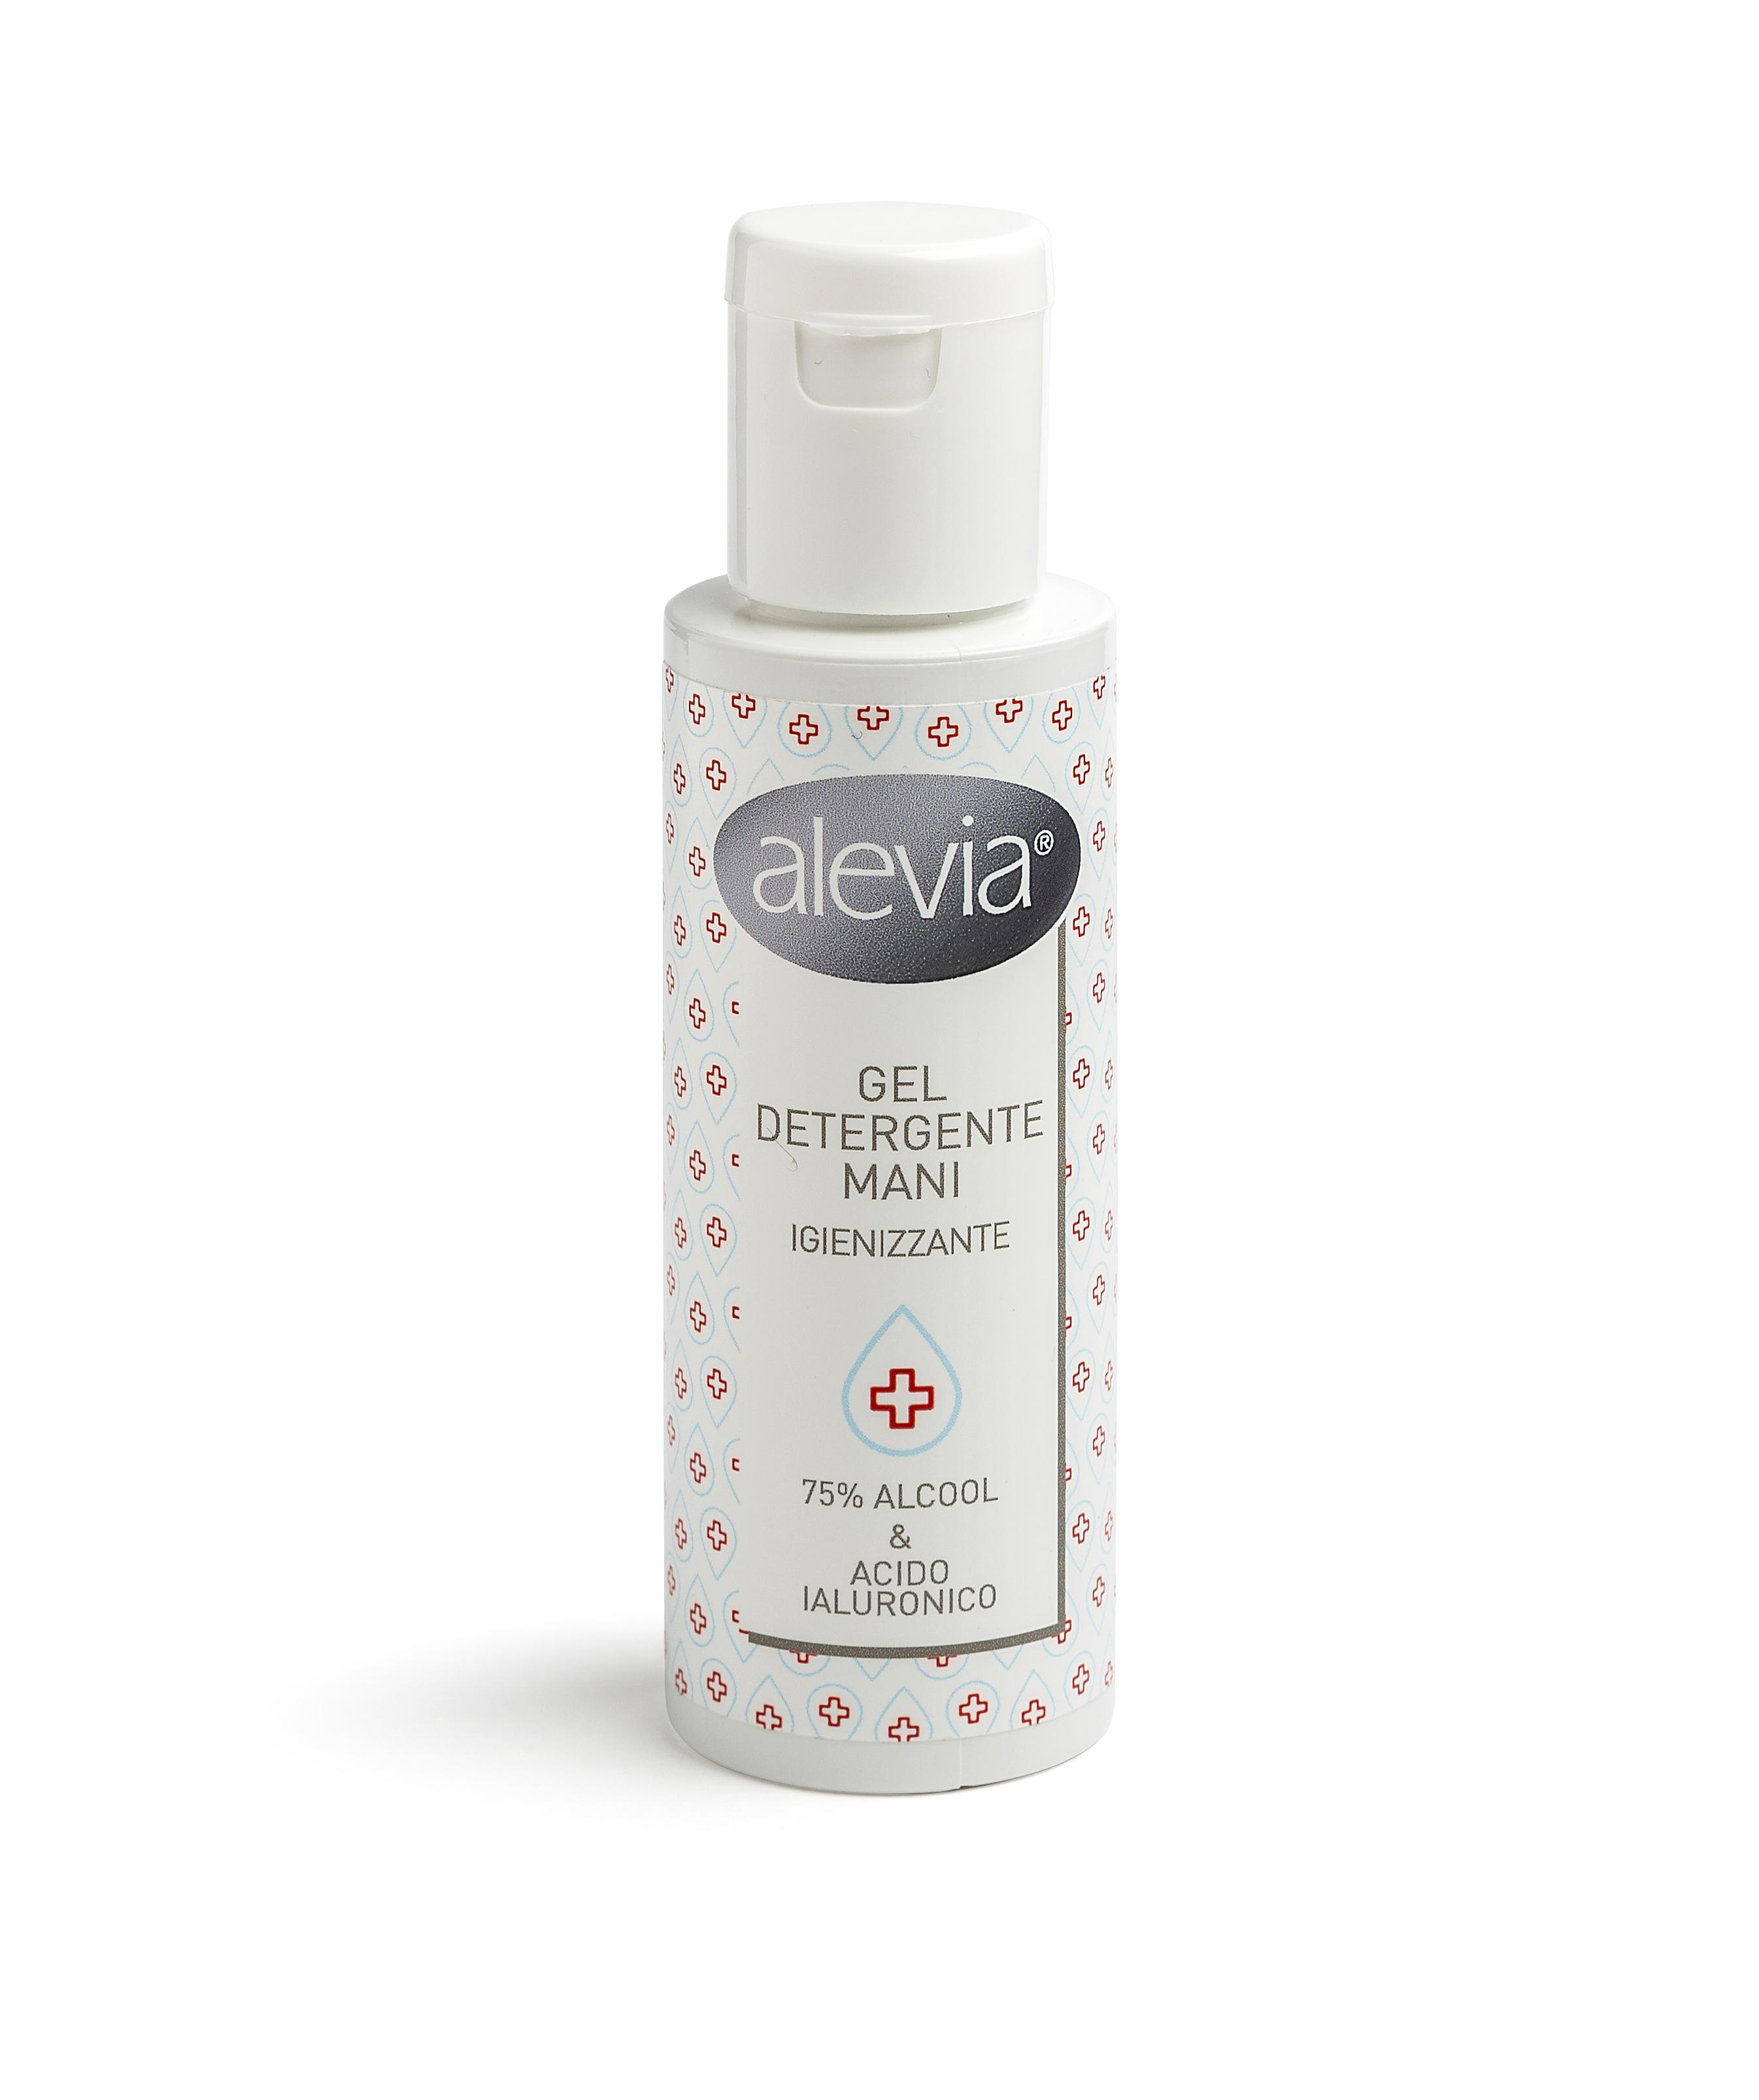 Alevia gel detergente mani igienizzante - con acido ialuronico e 75% di alcool